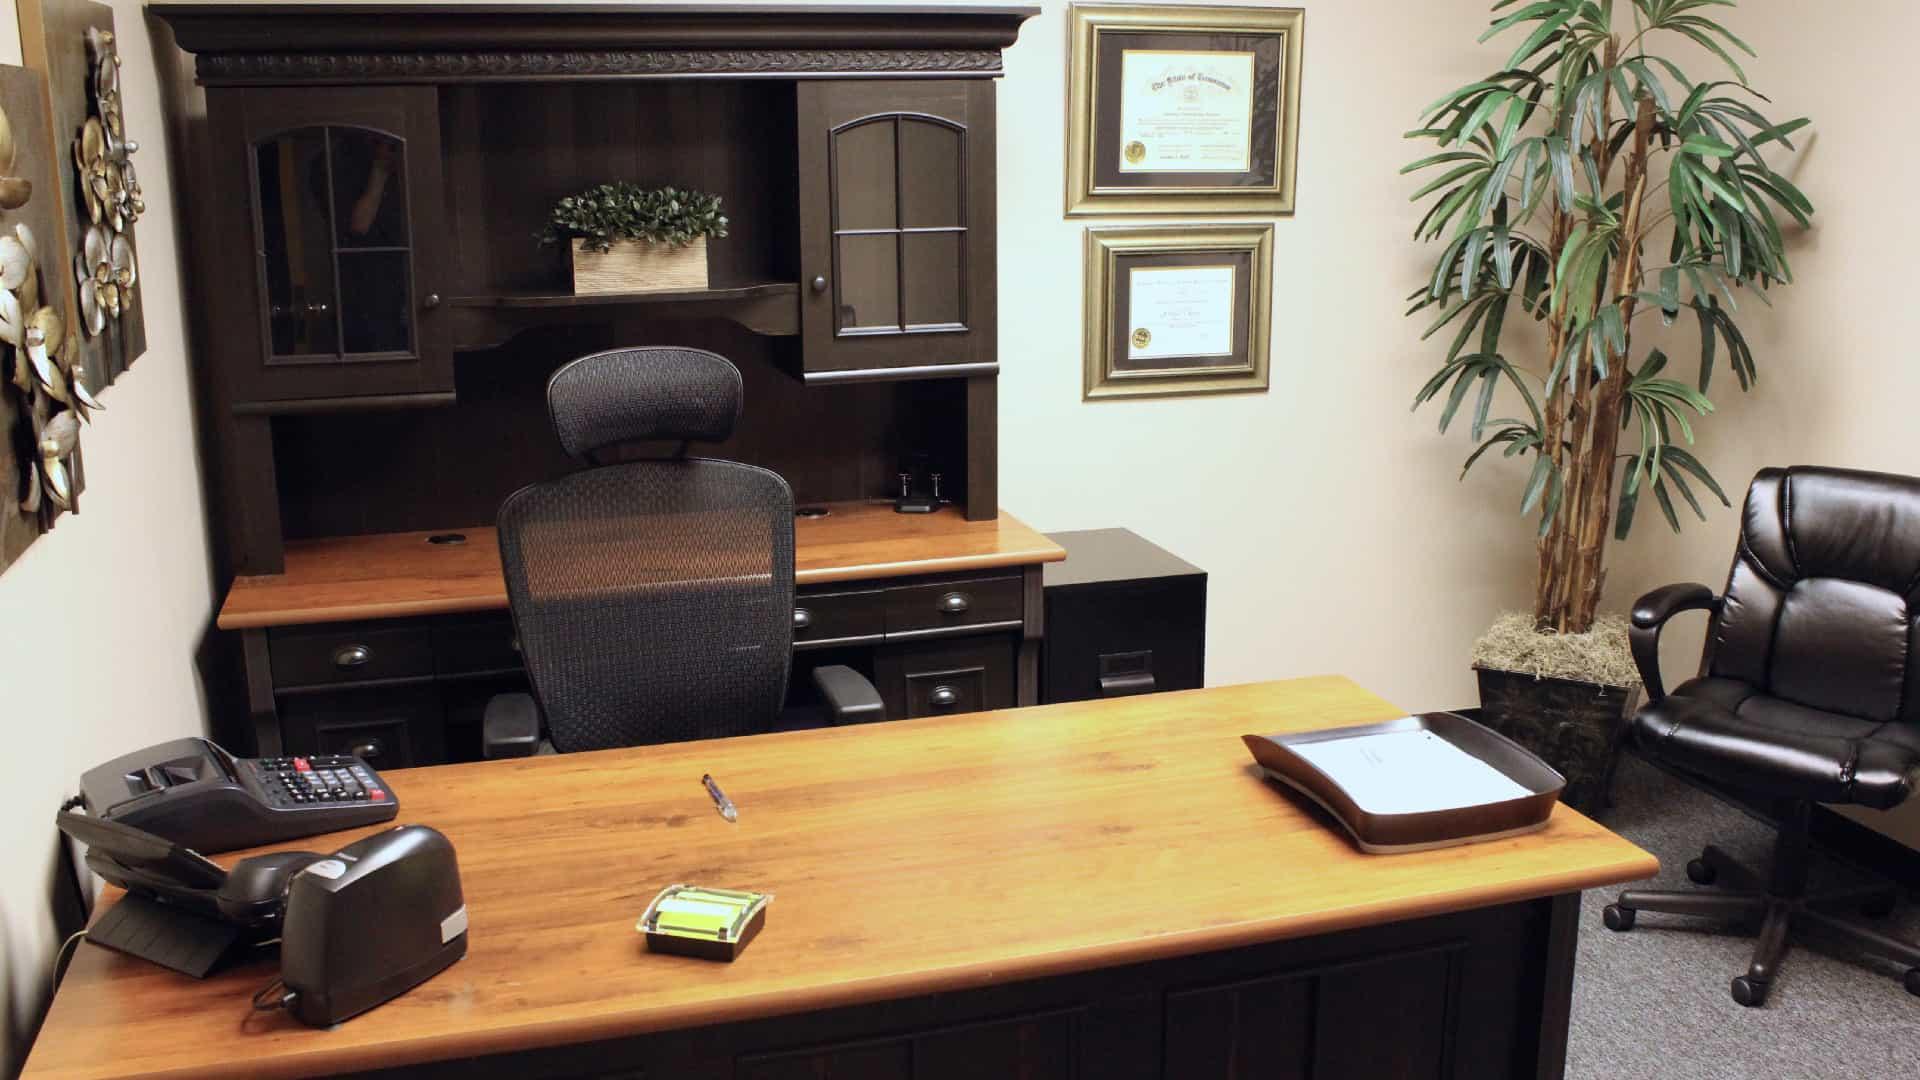 Chattanooga Executive Center